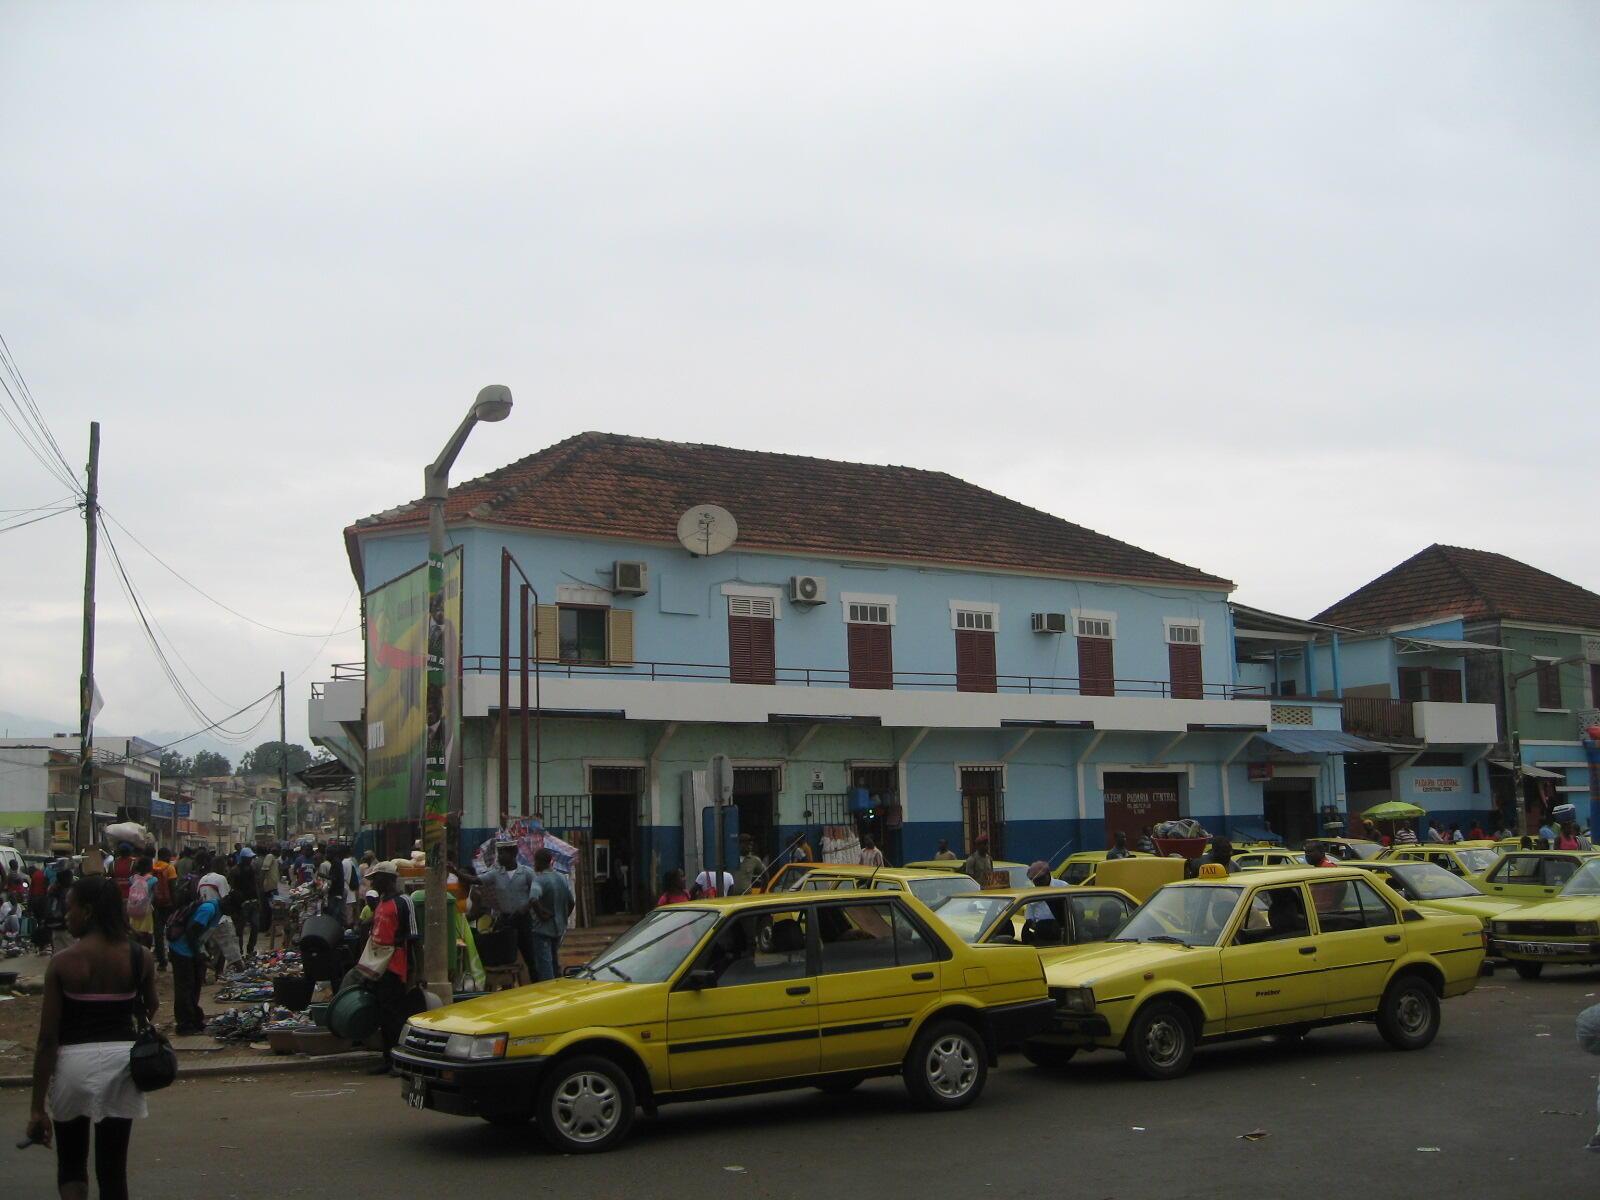 Centro da cidade de São Tomé, capital de São Tomé e Príncipe que lançou um programa de mitigação économico_social, orçado em 84 milhões de dólares, para fazer face à pandemia de Covid-19, que já causou 7 óbitos, com registo de 235 infectados no arquipélago até 13 de Maio de 2020.